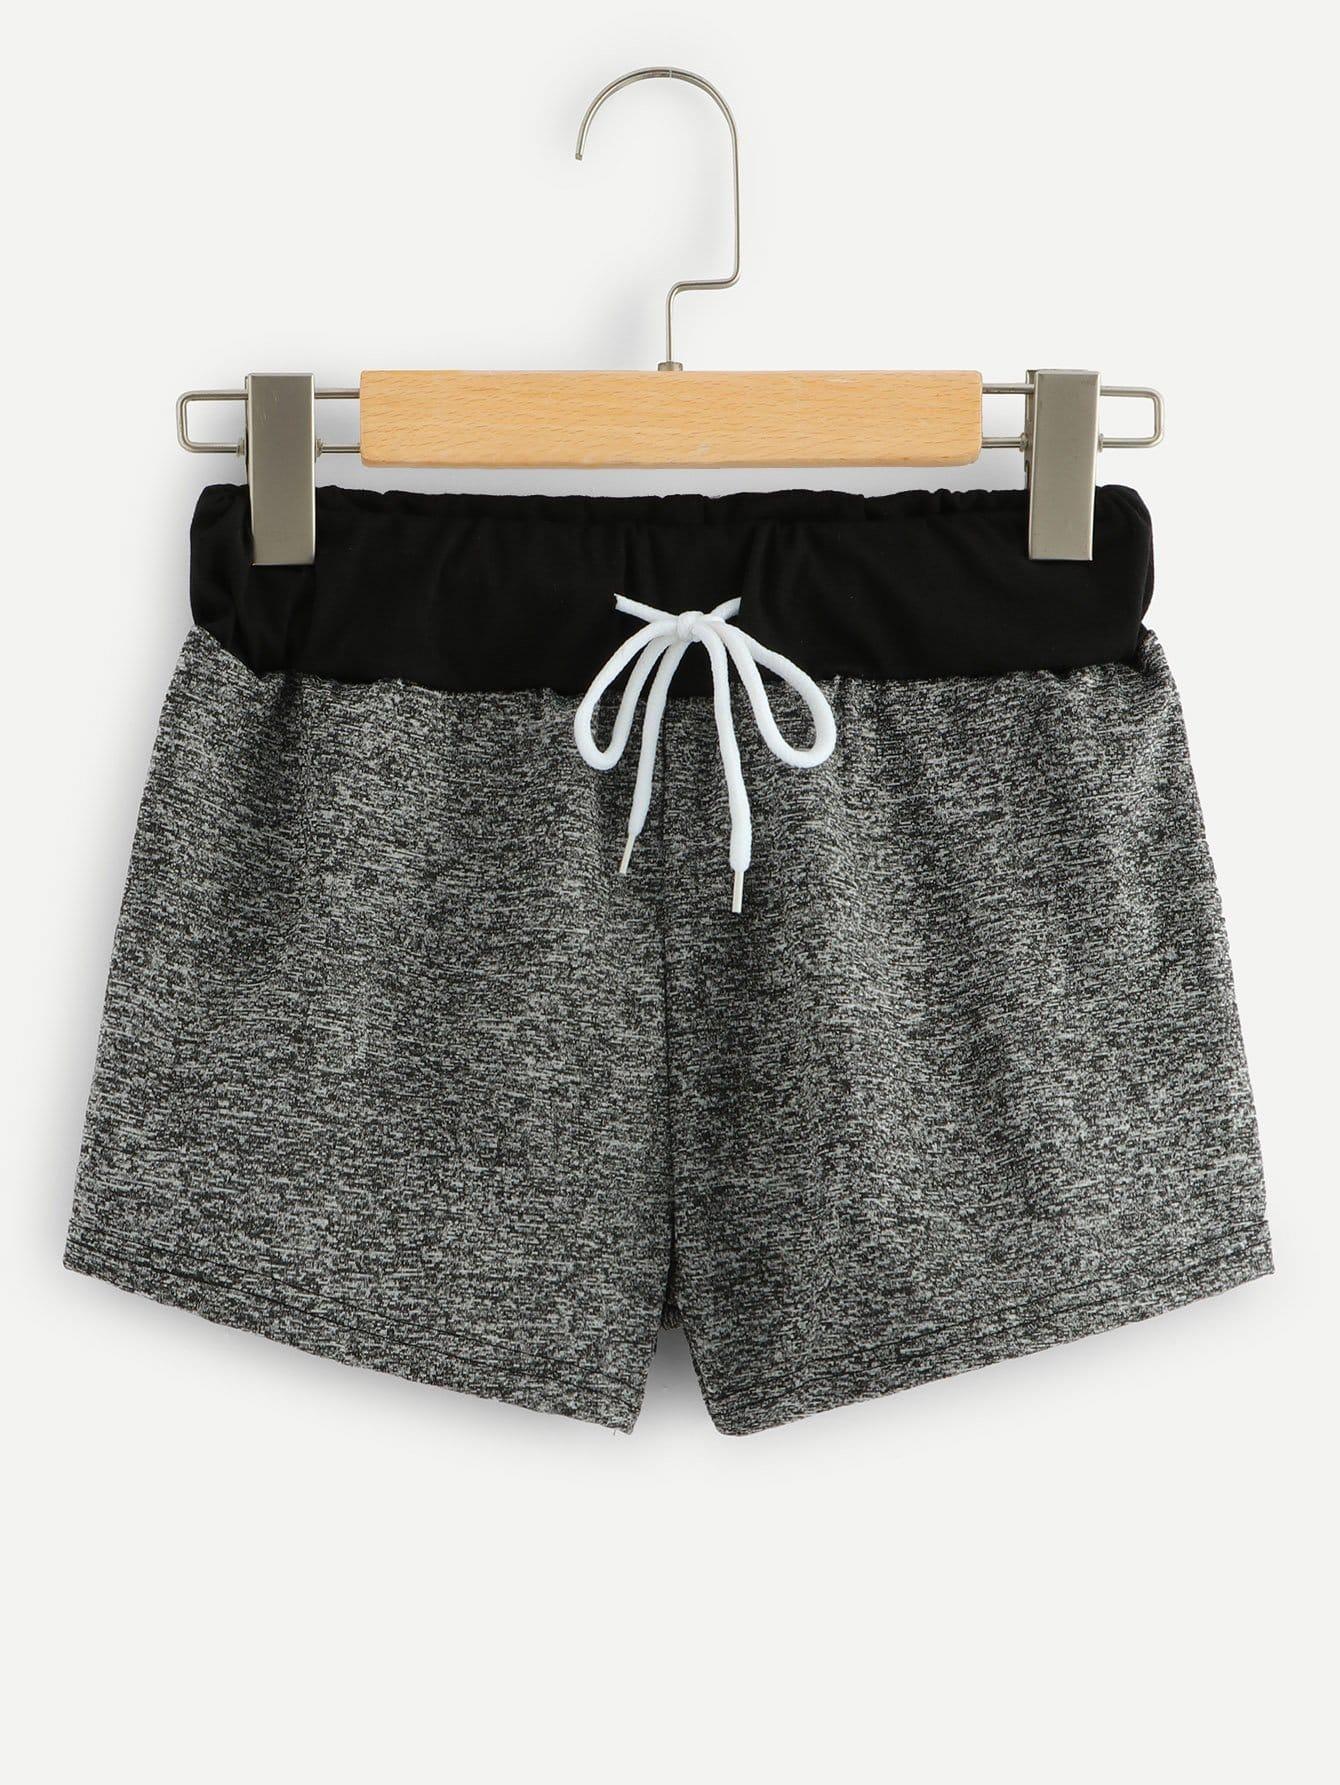 Контрастные шорты с басоном эластичным, null, SheIn  - купить со скидкой